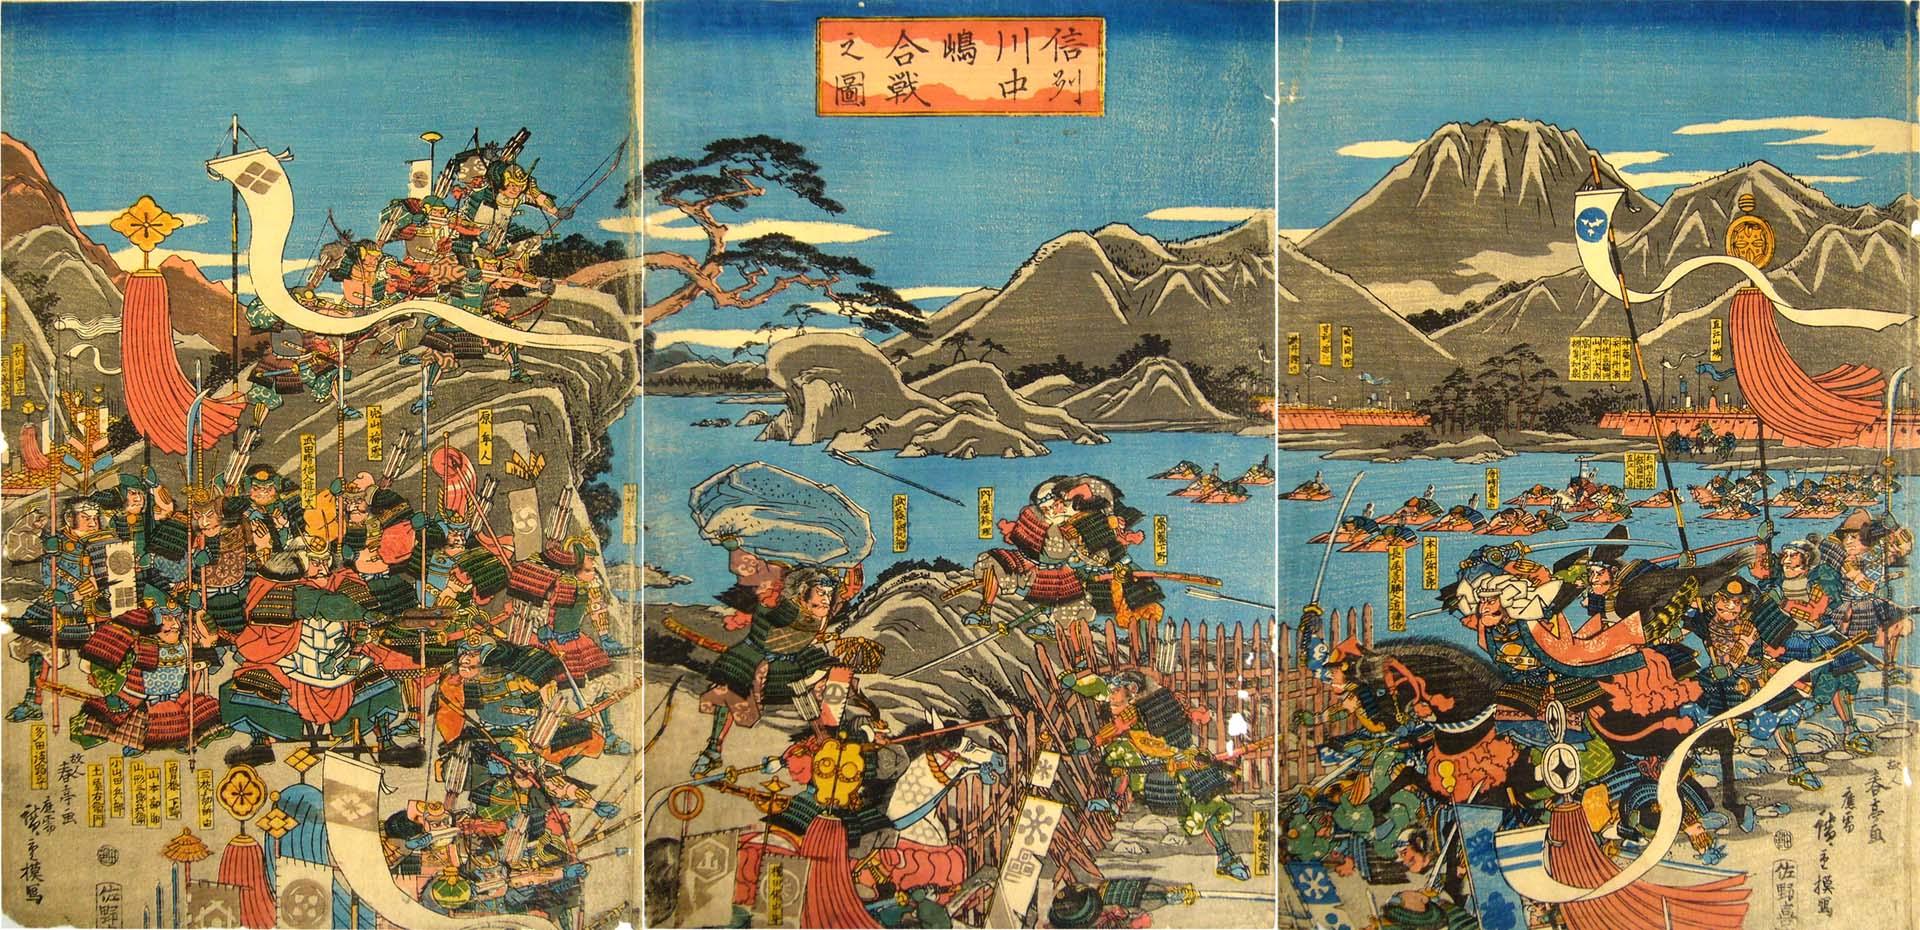 『信州川中嶋合戦之図』勝川春亭画 応需広重模写